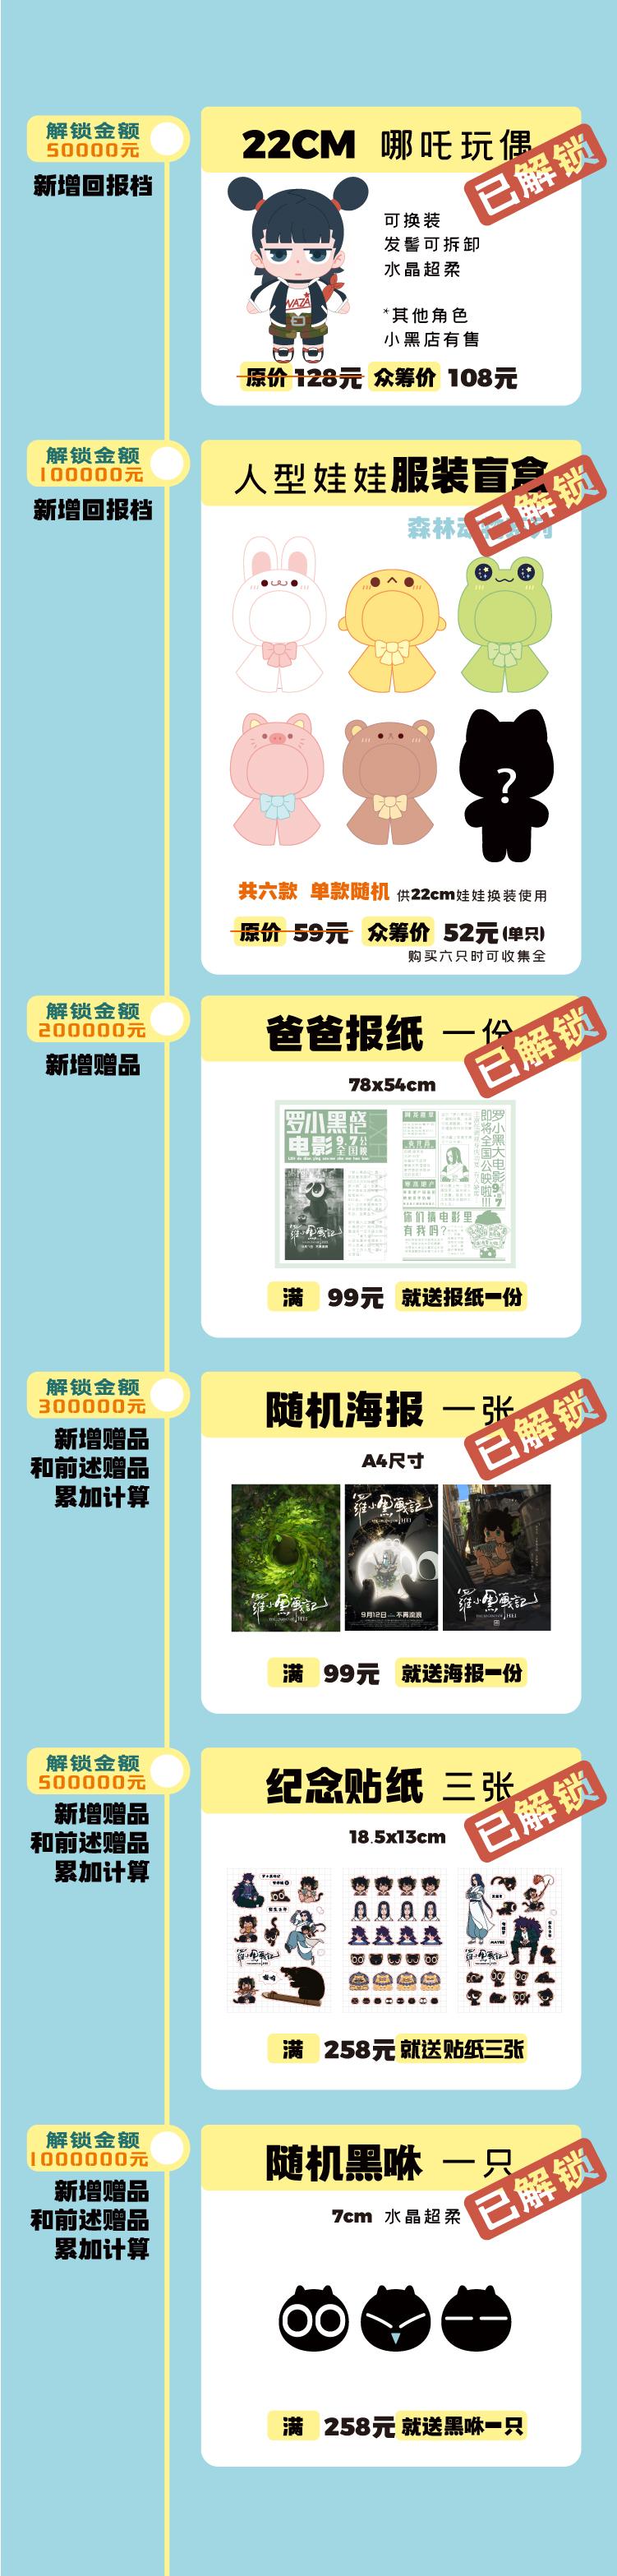 福利解锁rgb2-03.jpg